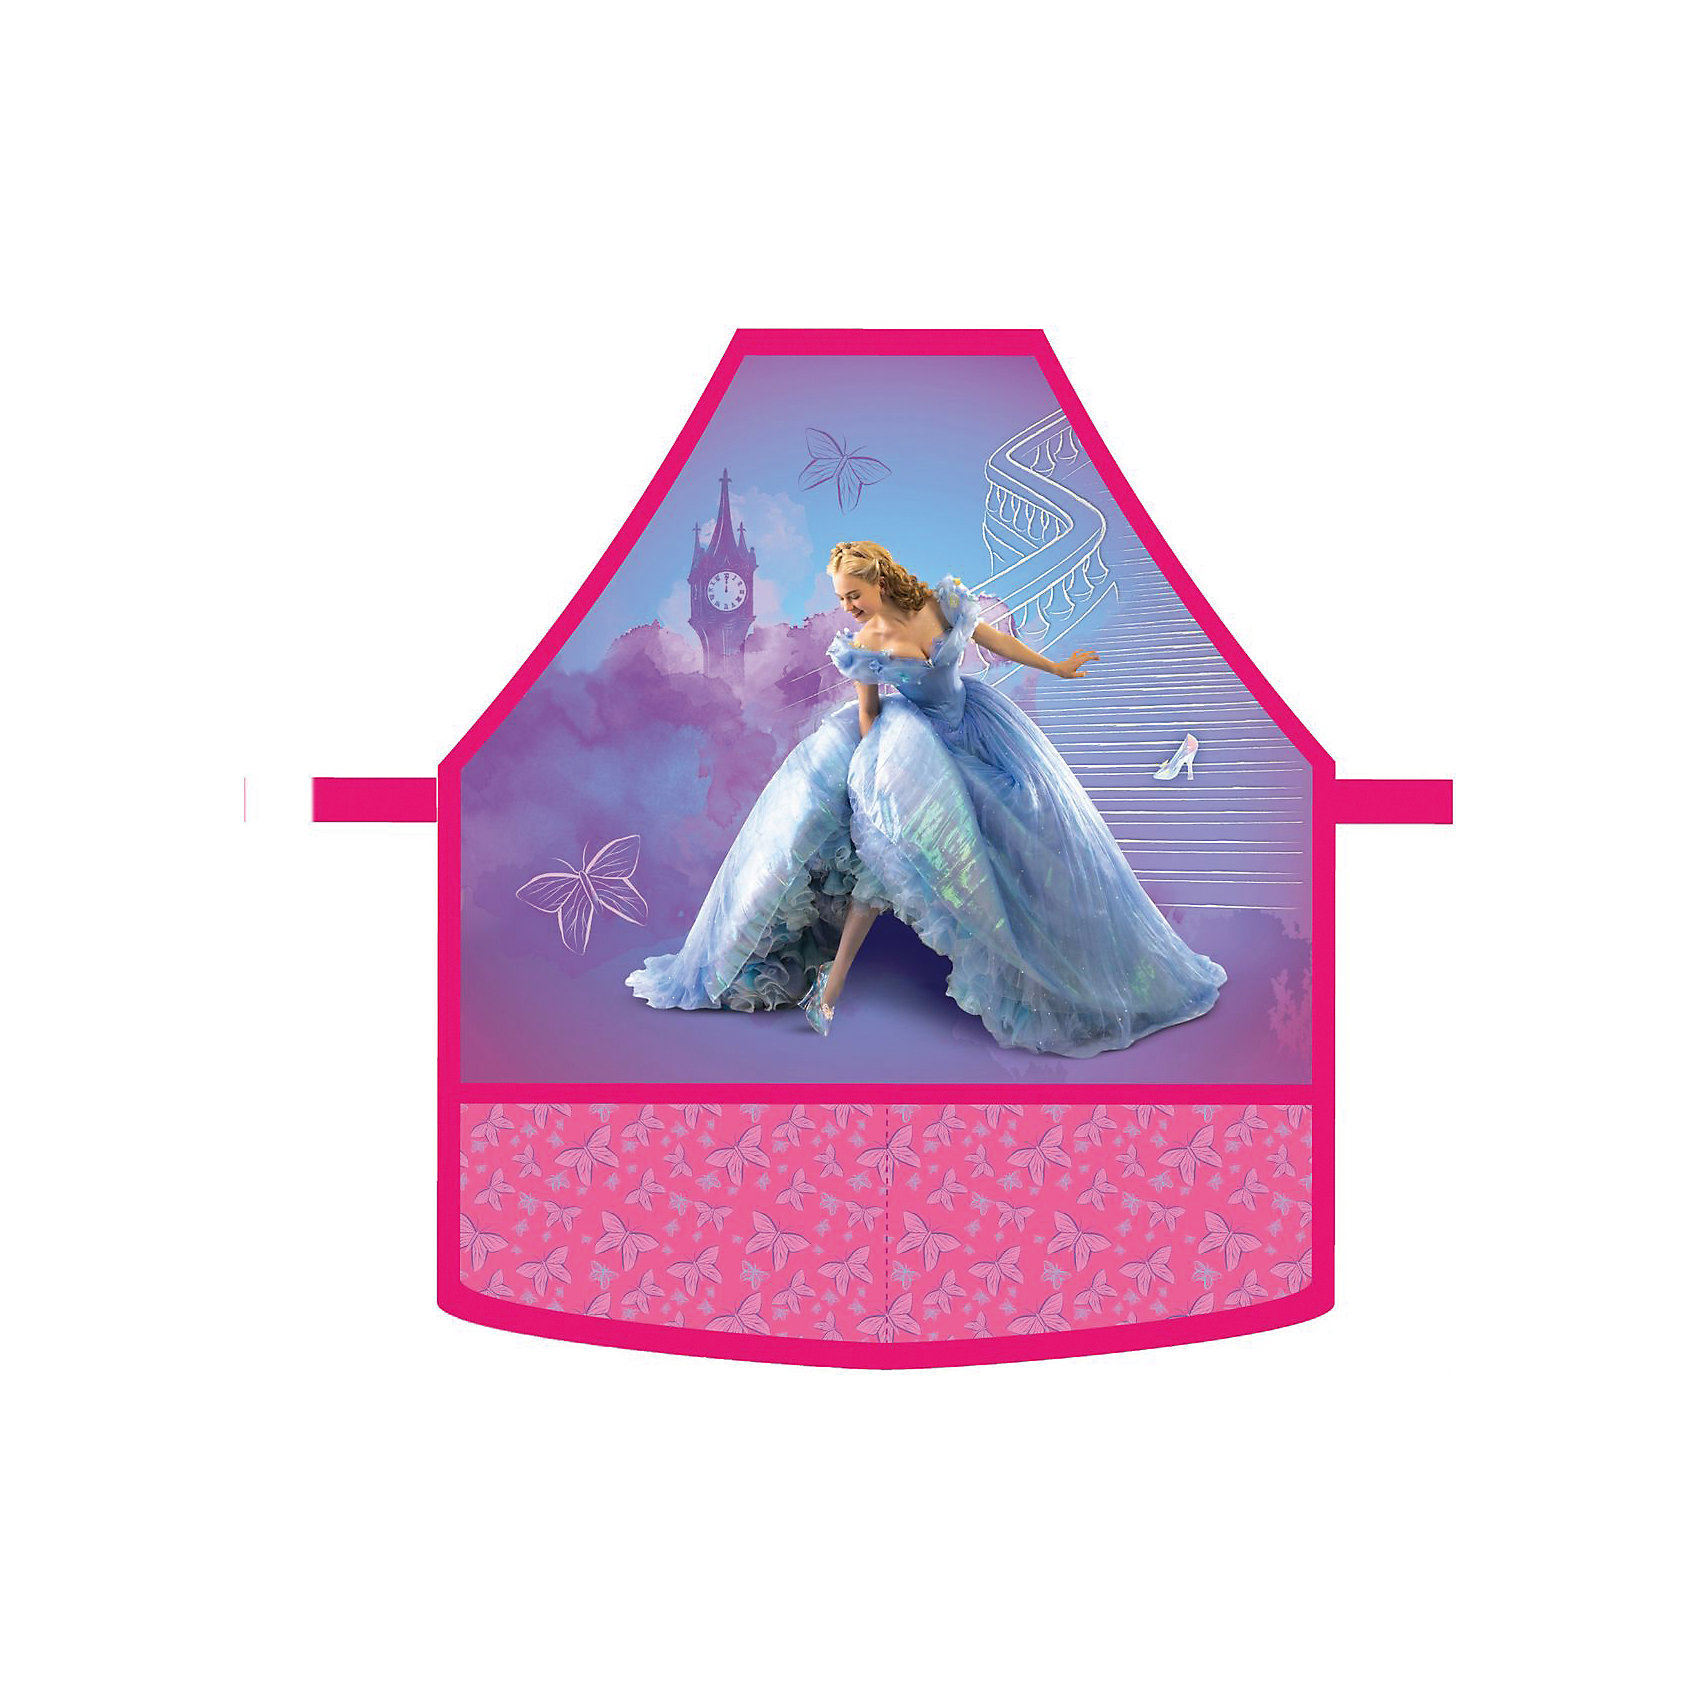 Фартук Золушка с нарукавниками, Принцессы ДиснейШкольная форма ребенка пачкается особенно быстро, если в расписании есть рисование или уроки труда! Помогите ребенку всегда быть чистым и опрятным. Купите ему замечательный фартук Золушка Принцессы Дисней (Disney Princess). Девочка обязательно захочет покрасоваться в этом замечательном фартуке и не будет забывать одеть его. Одеть его очень просто, это легко сделает любой ребенок без помощи родителей. Регулируя пряжку на шейной лямке можно регулировать размер фартука. В комплекте с фартуком есть два удобный нарукавника, которые позволят защитить манжеты и избавят Вас от многочисленных застирываний школьной формы. Особенно девочку порадуют два вместительных кармашка и изображение героини любимого мультфильма Золушка.<br><br>Дополнительная информация:<br><br>- В комплекте: фартук, 2 нарукавника;<br>- Понравится поклонникам фильма Золушка Дисней (Disney);<br>- Лямку можно регулировать с помощью пряжки;<br>- Прочная ткань;<br>- Легко одевается;<br>- Подходит на рост 110-128 см;<br>- Размер фартука: 30-34;<br>- Вес: 80 г<br><br>Фартук Золушка, с нарукавниками, Принцессы Дисней (Disney Princess) можно купить в нашем интернет-магазине.<br><br>Ширина мм: 240<br>Глубина мм: 230<br>Высота мм: 15<br>Вес г: 80<br>Возраст от месяцев: 36<br>Возраст до месяцев: 108<br>Пол: Женский<br>Возраст: Детский<br>SKU: 4121011